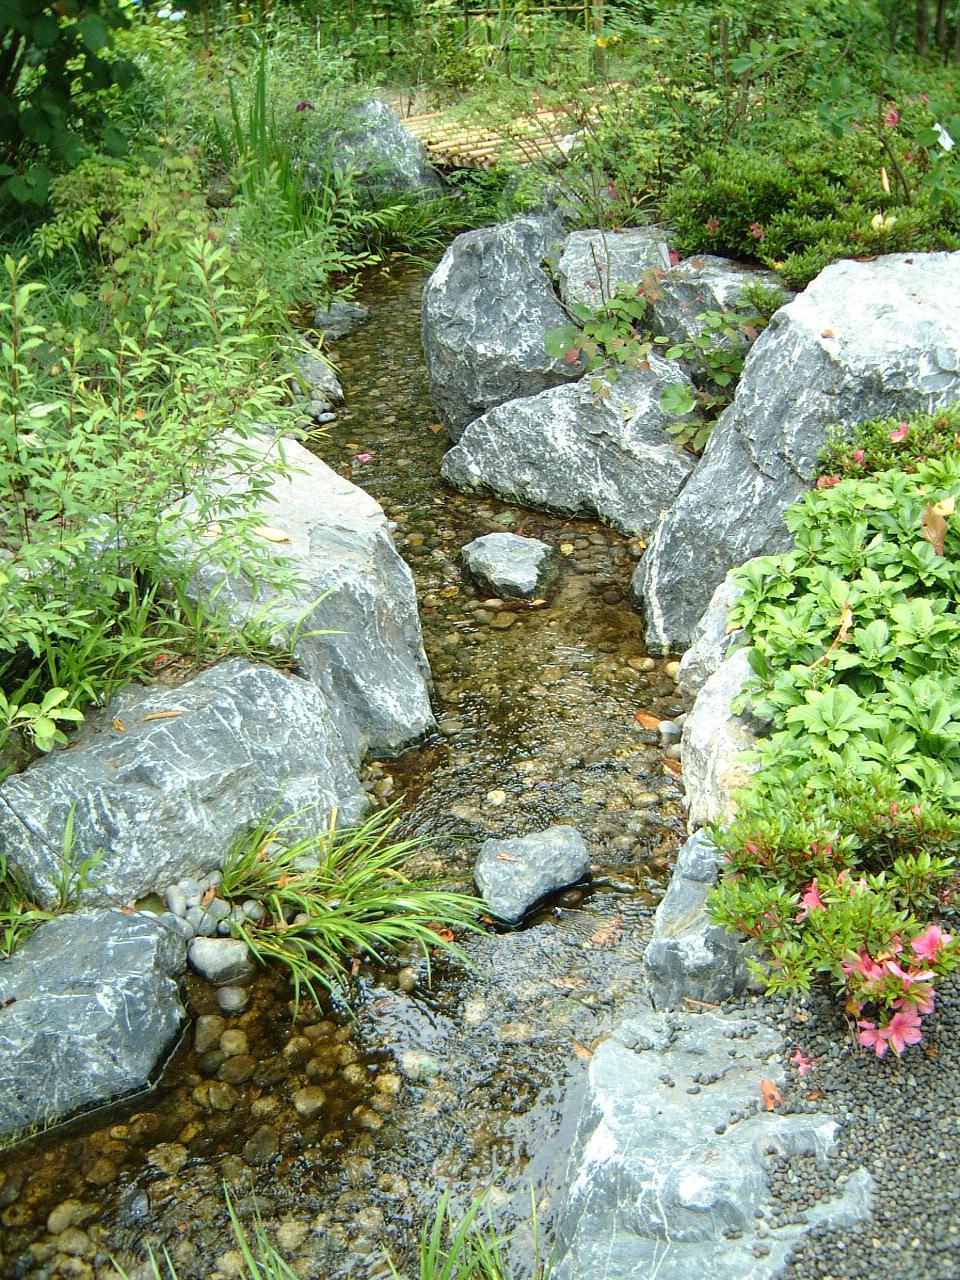 maartent brook garden stream rock babbling flowing